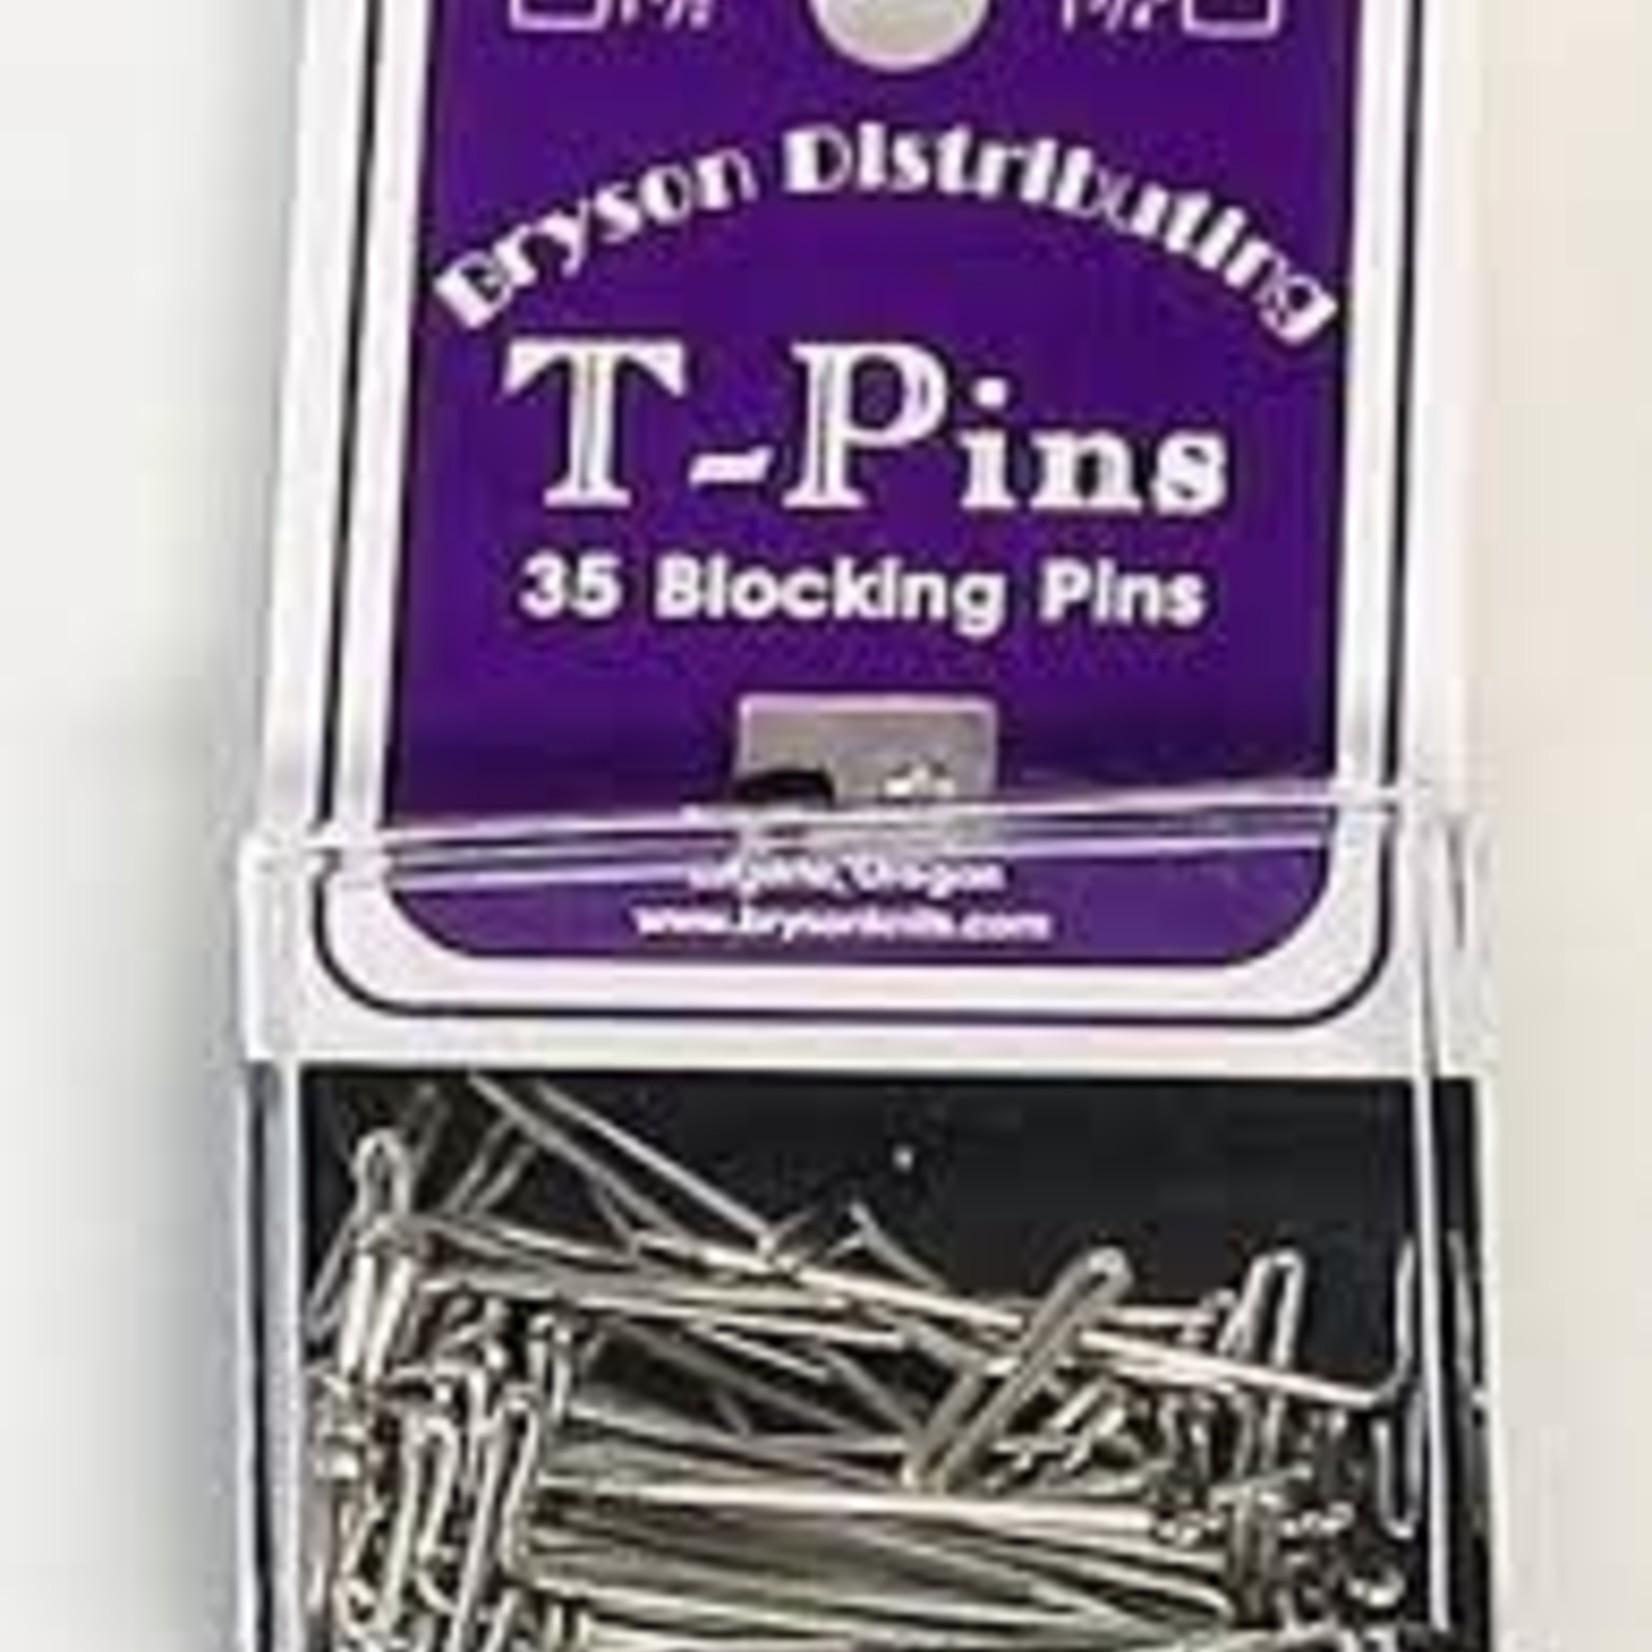 Bryson T-Pins